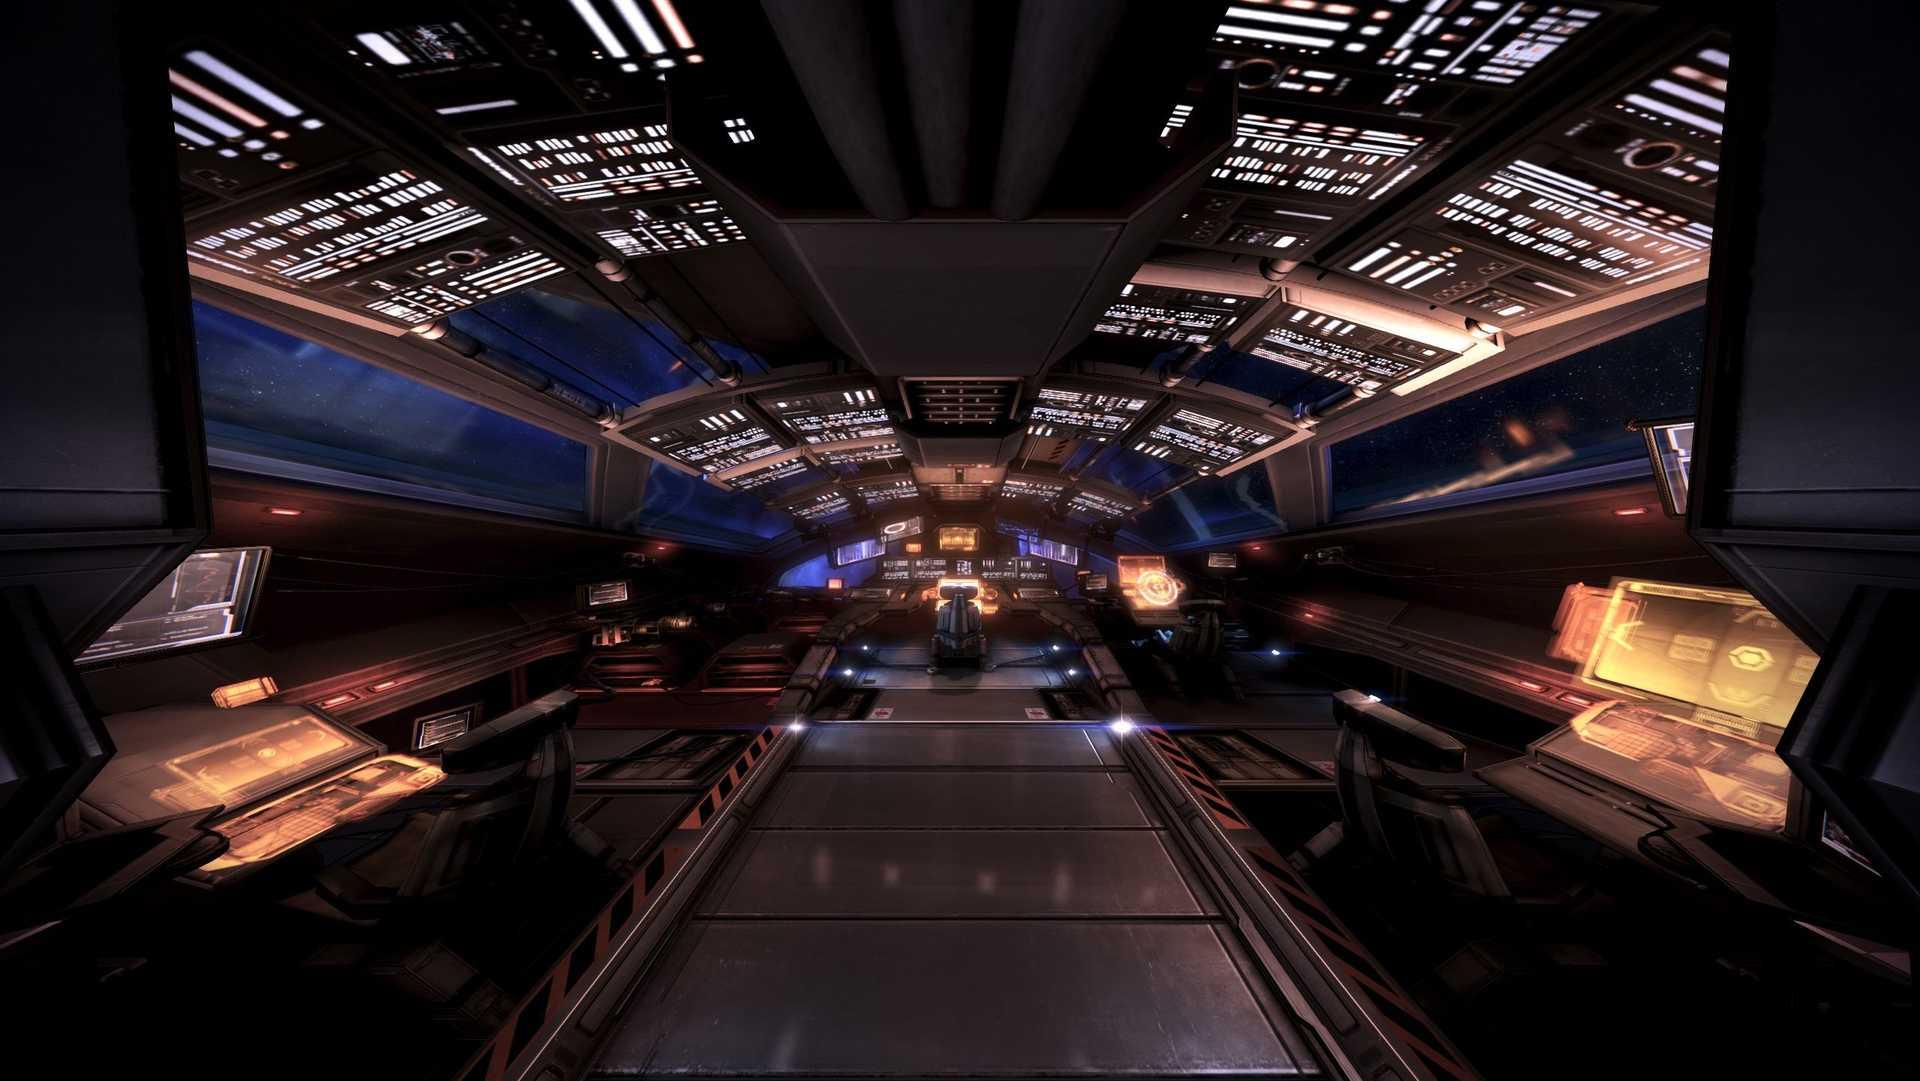 Wallpapers Fond Decran Pour Mass Effect 3 PC PS3 Xbox